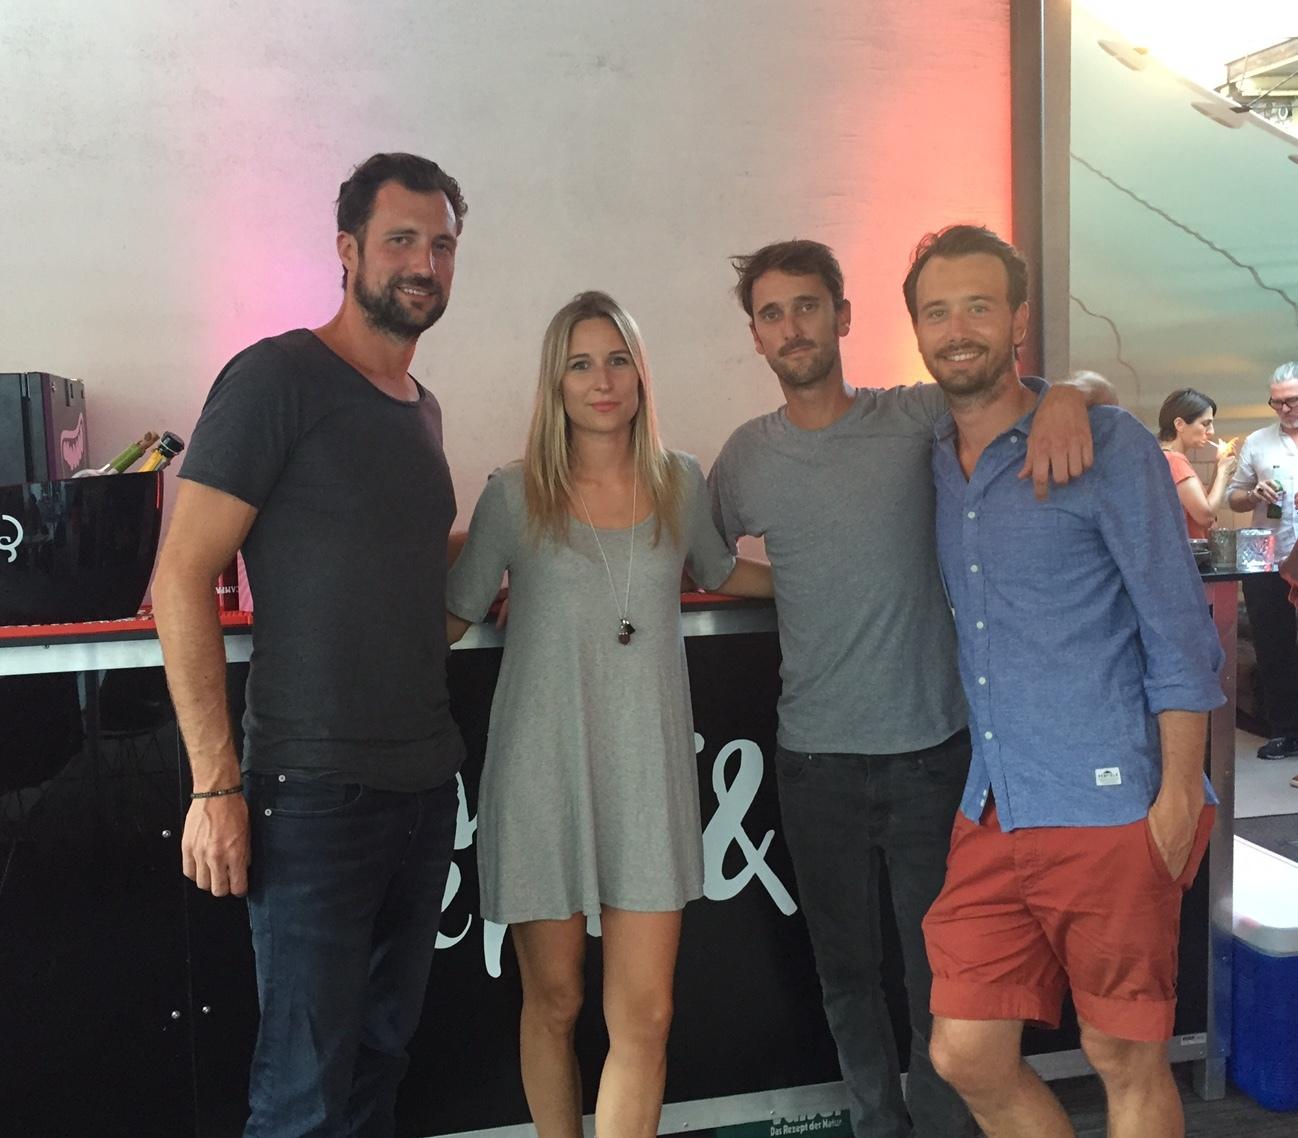 Fabian Plüss,, Danica Thalmann, Philipp Brunner and Renato Auer